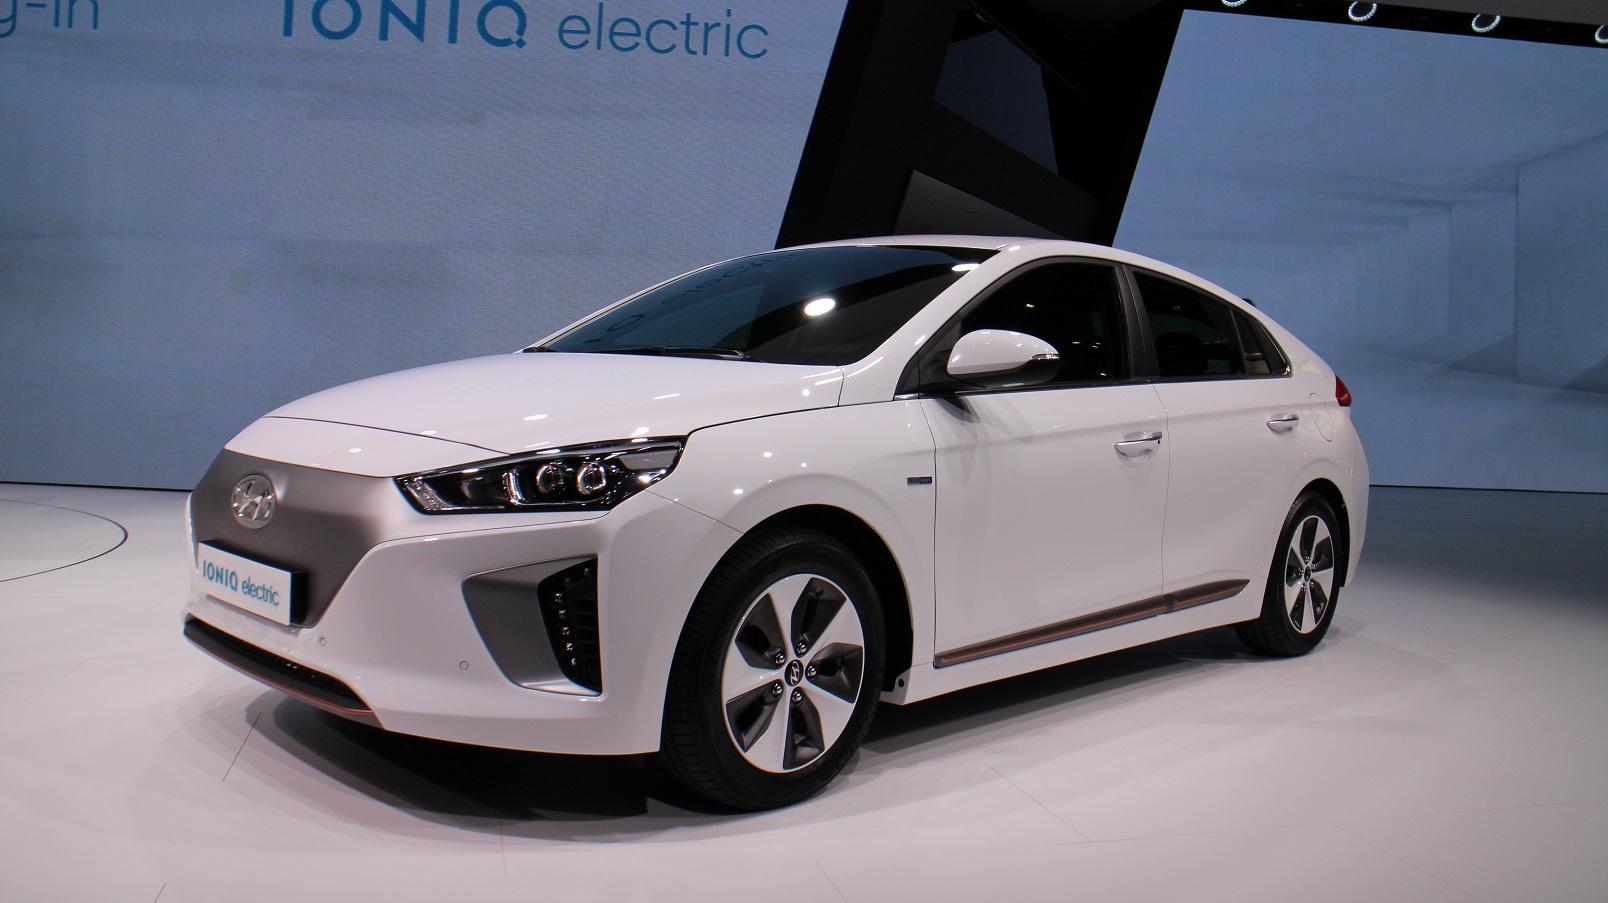 Geneva Auto Sales >> Hyundai Ioniq electric car offered on 'Ioniq Unlimited' subscription model